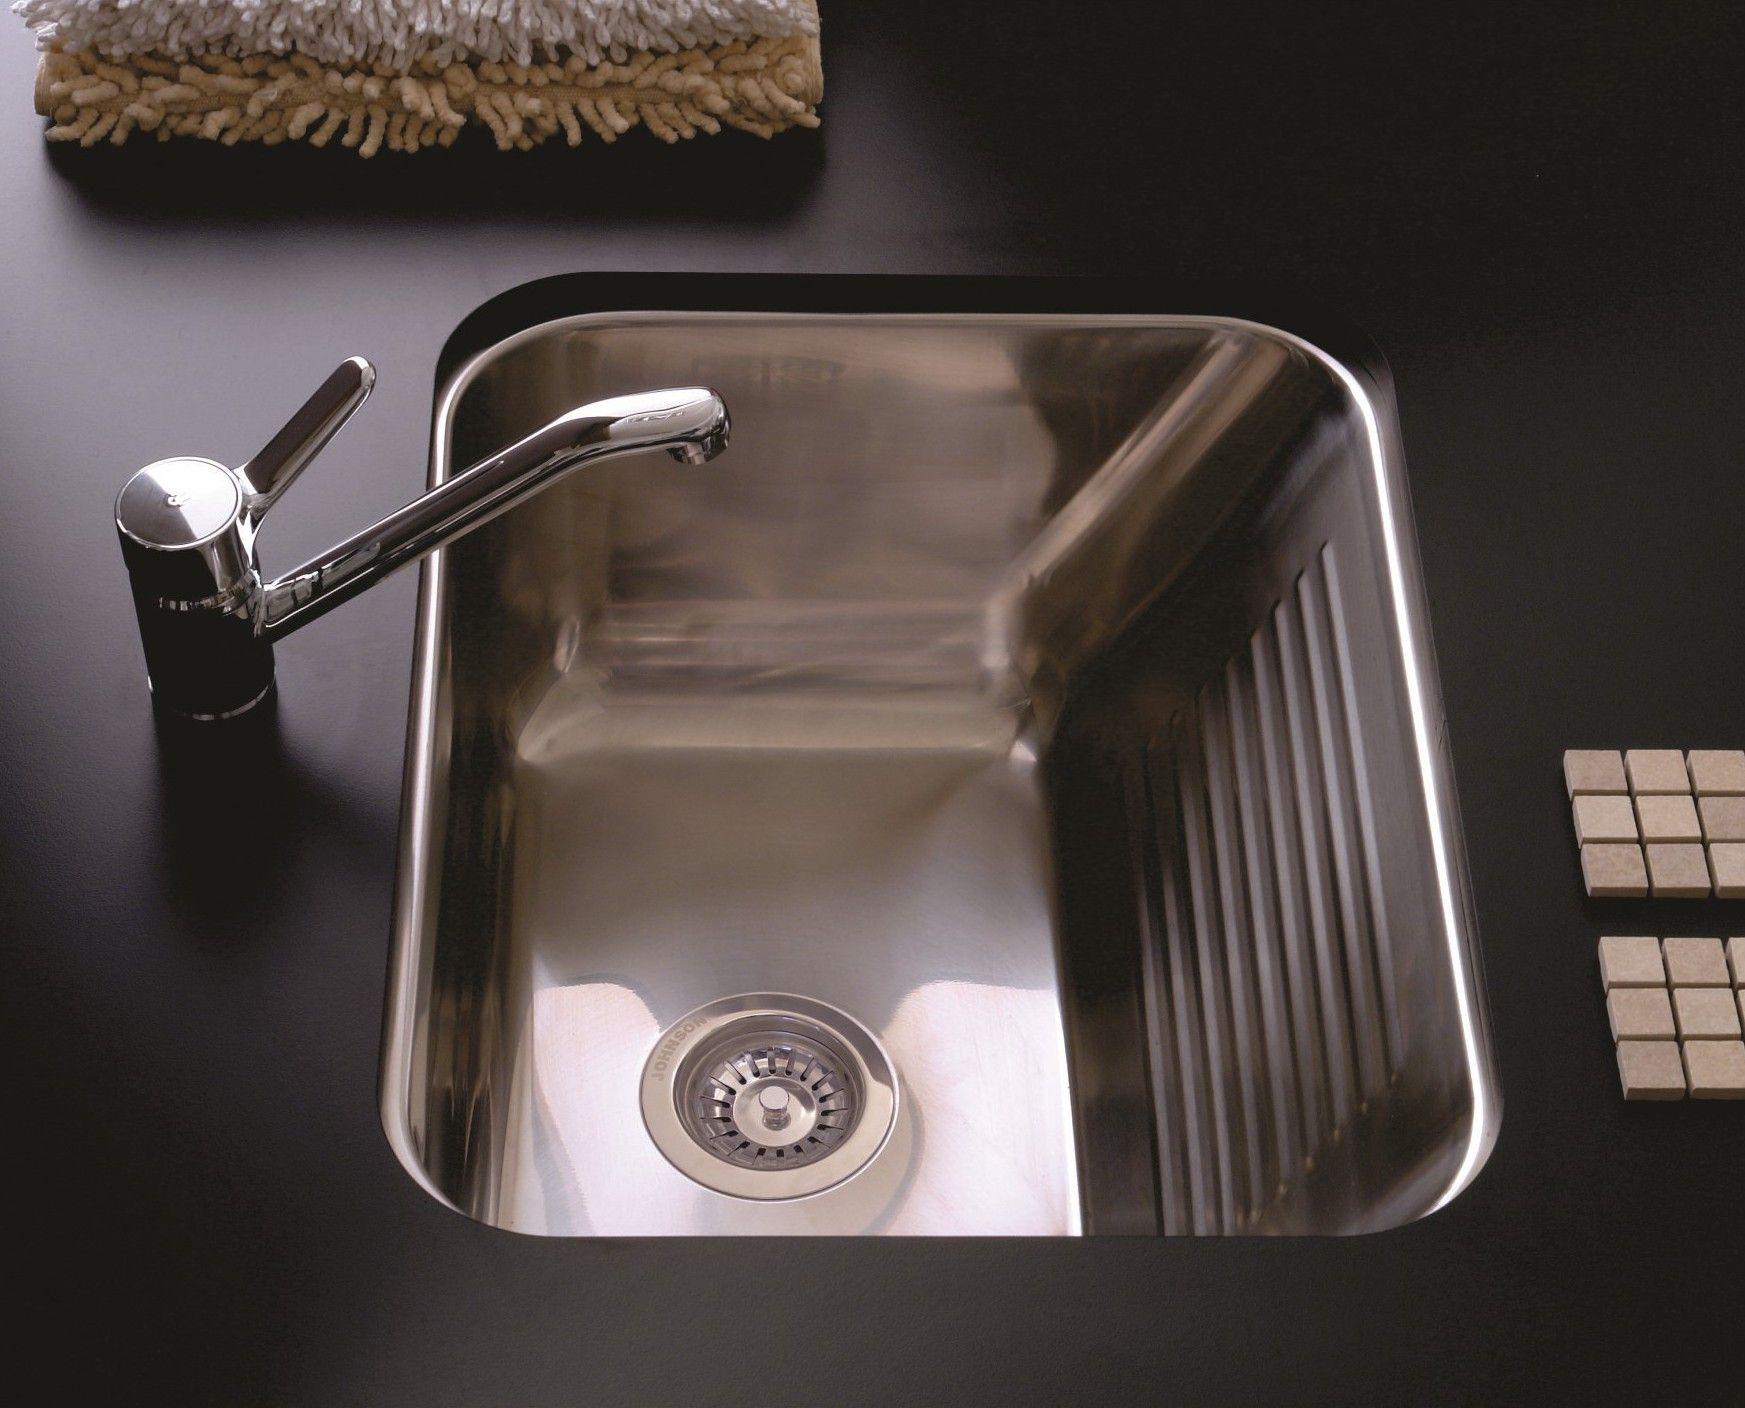 Pileta de lavadero con fregadero johnson acero ln50 for Lavaderos modernos para ropa